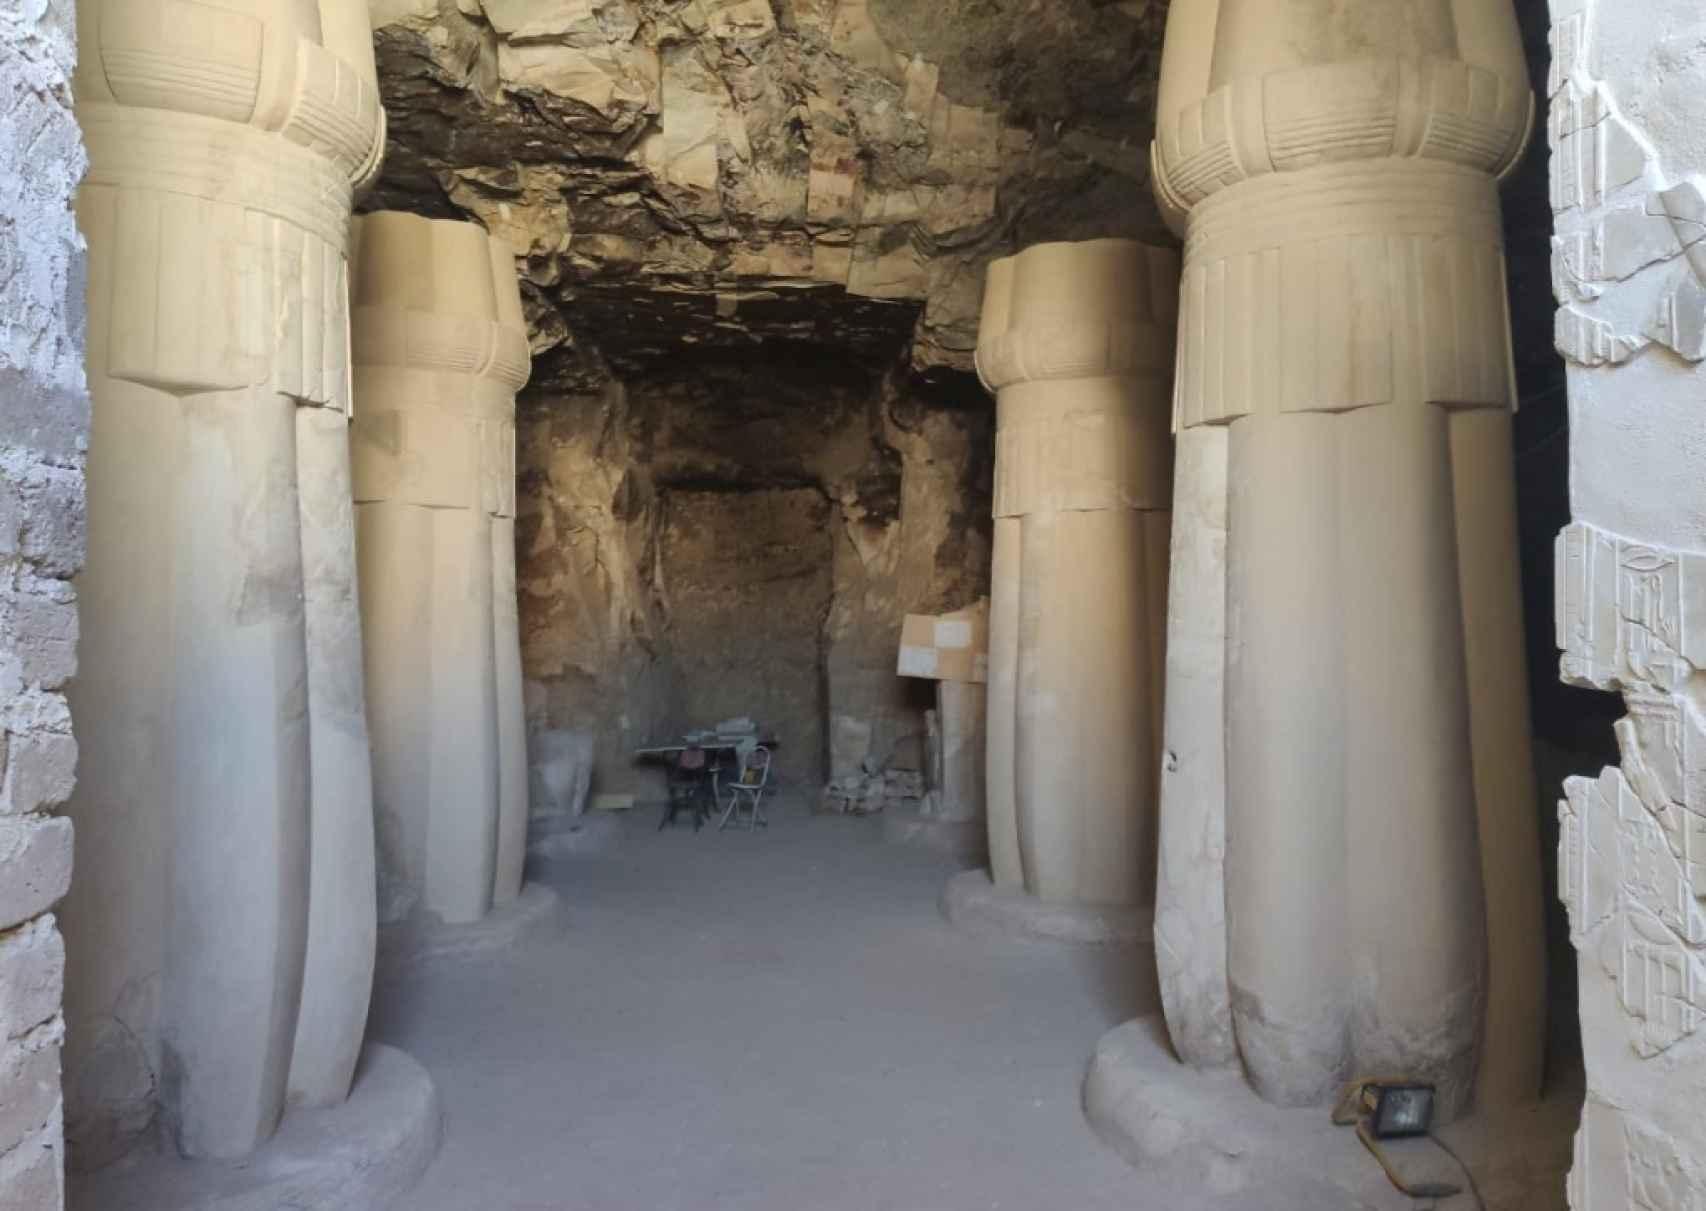 Proyecto de excavación del Instituto de Estudios del Antiguo Egipto en la tumba de Amenhotep Huy.